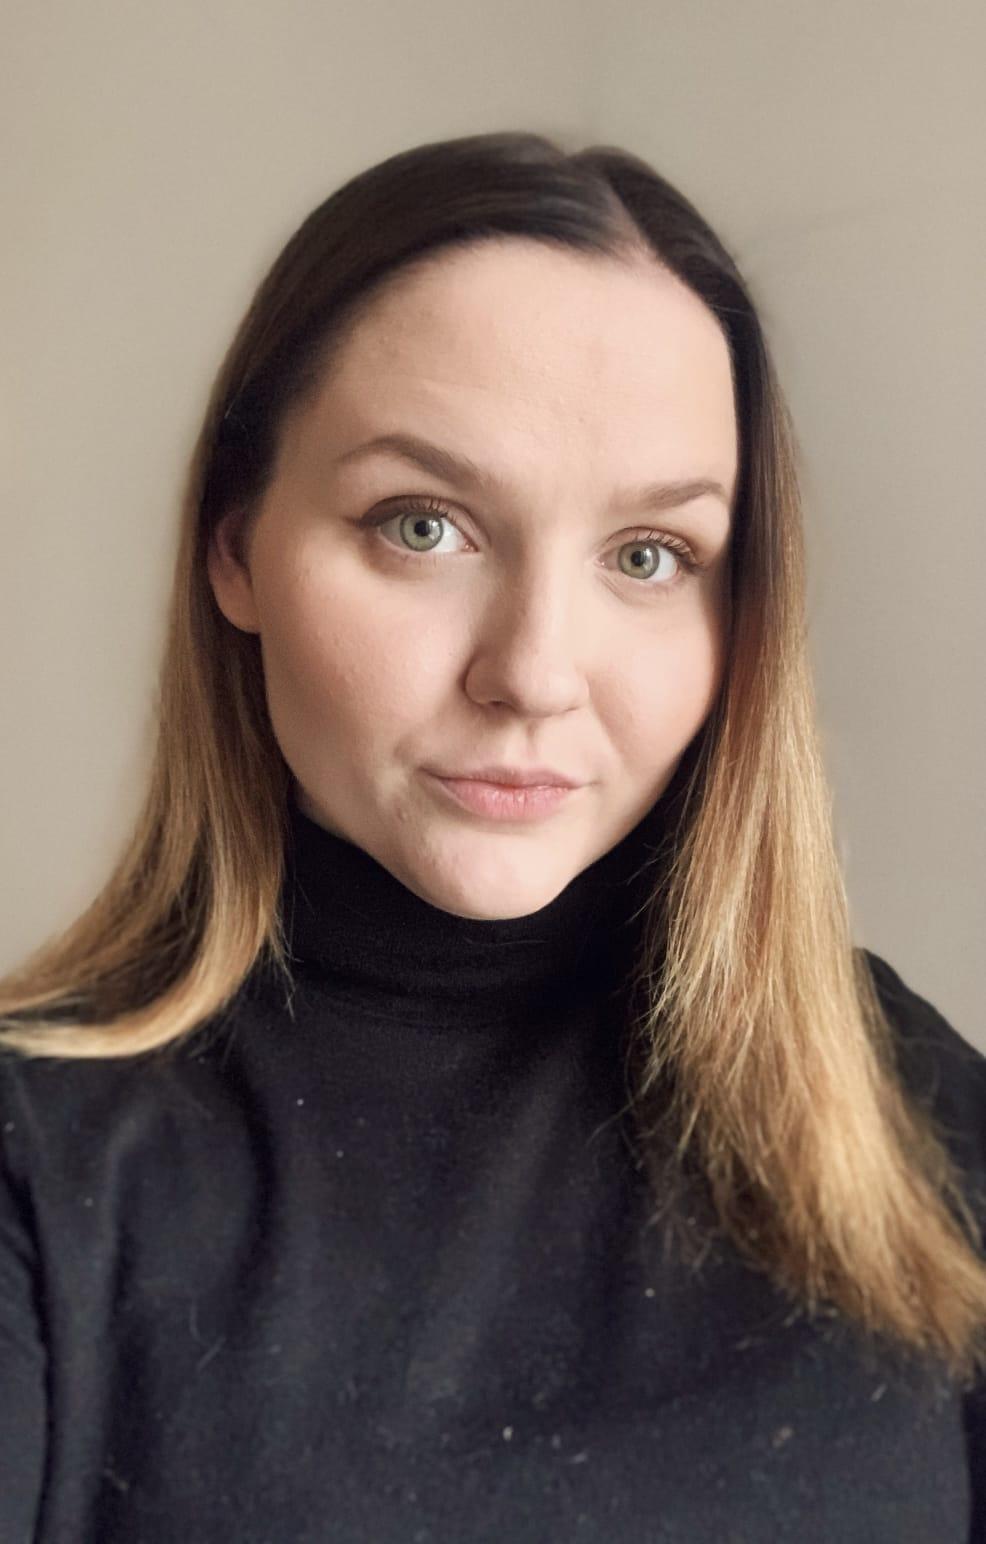 Alisa Pulkamo